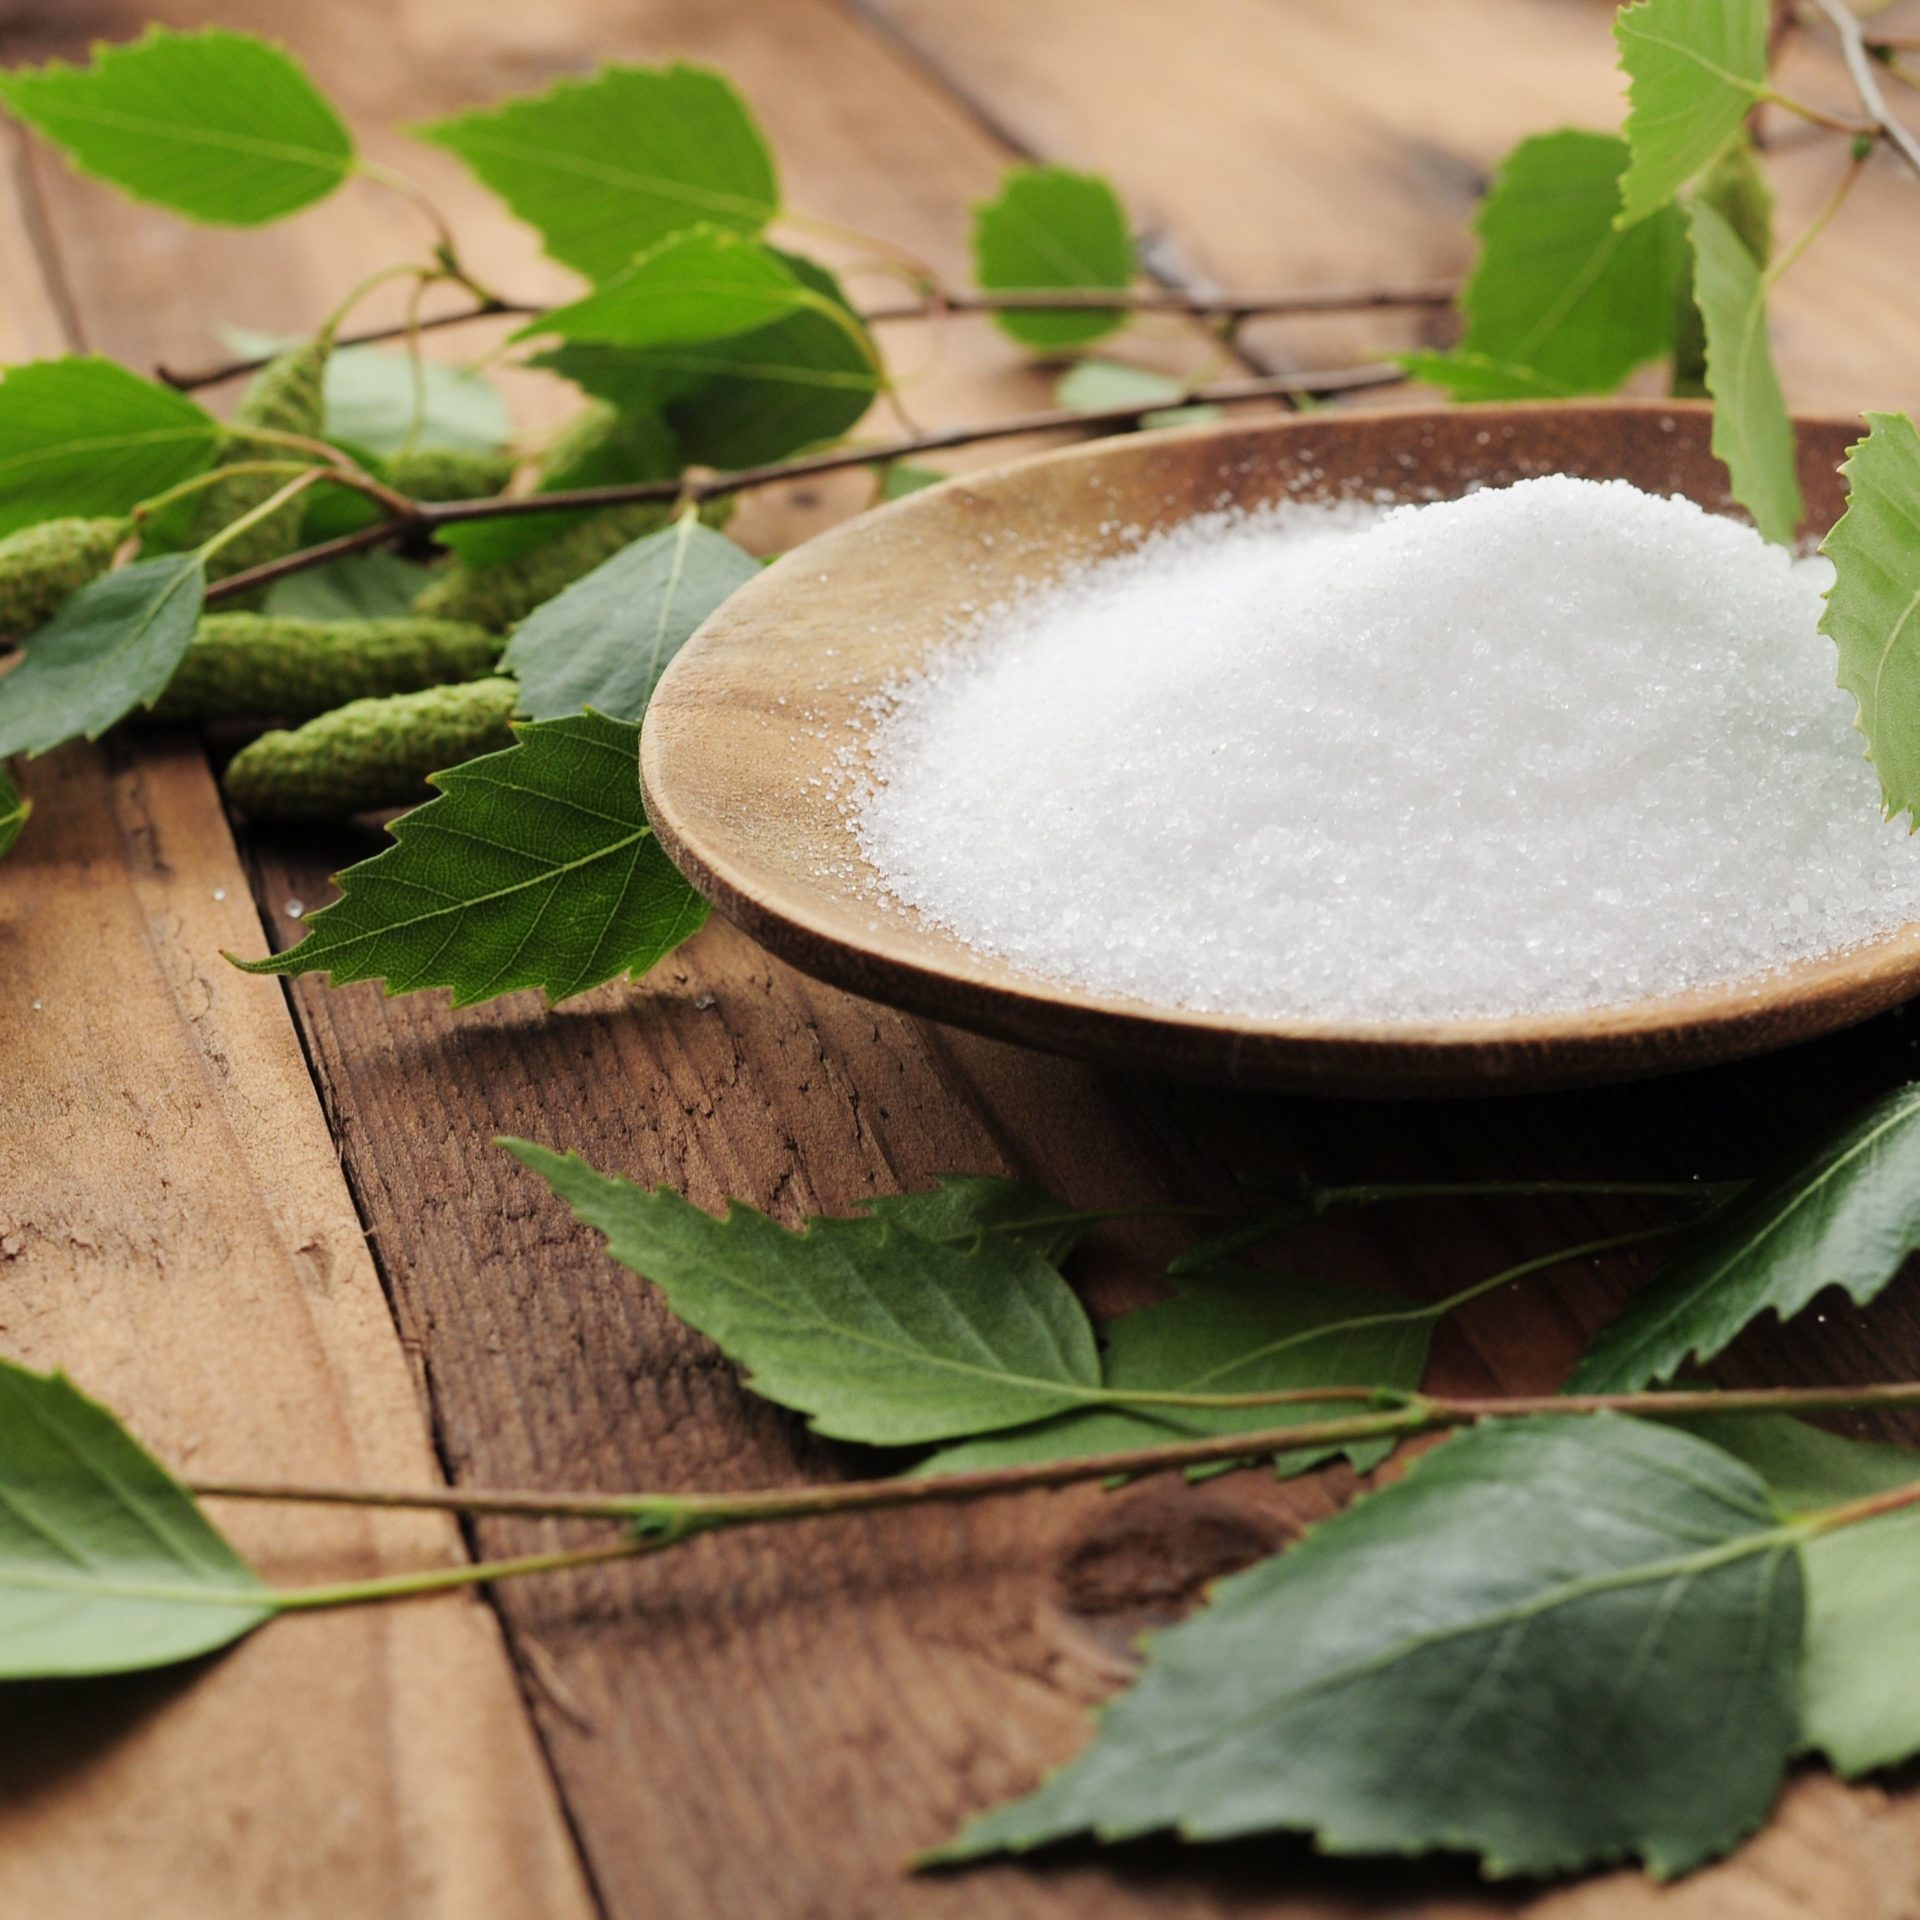 Natürliche Süßungsmittel wie Stevia und Zuckeralkohole und Polyole im Vergleich